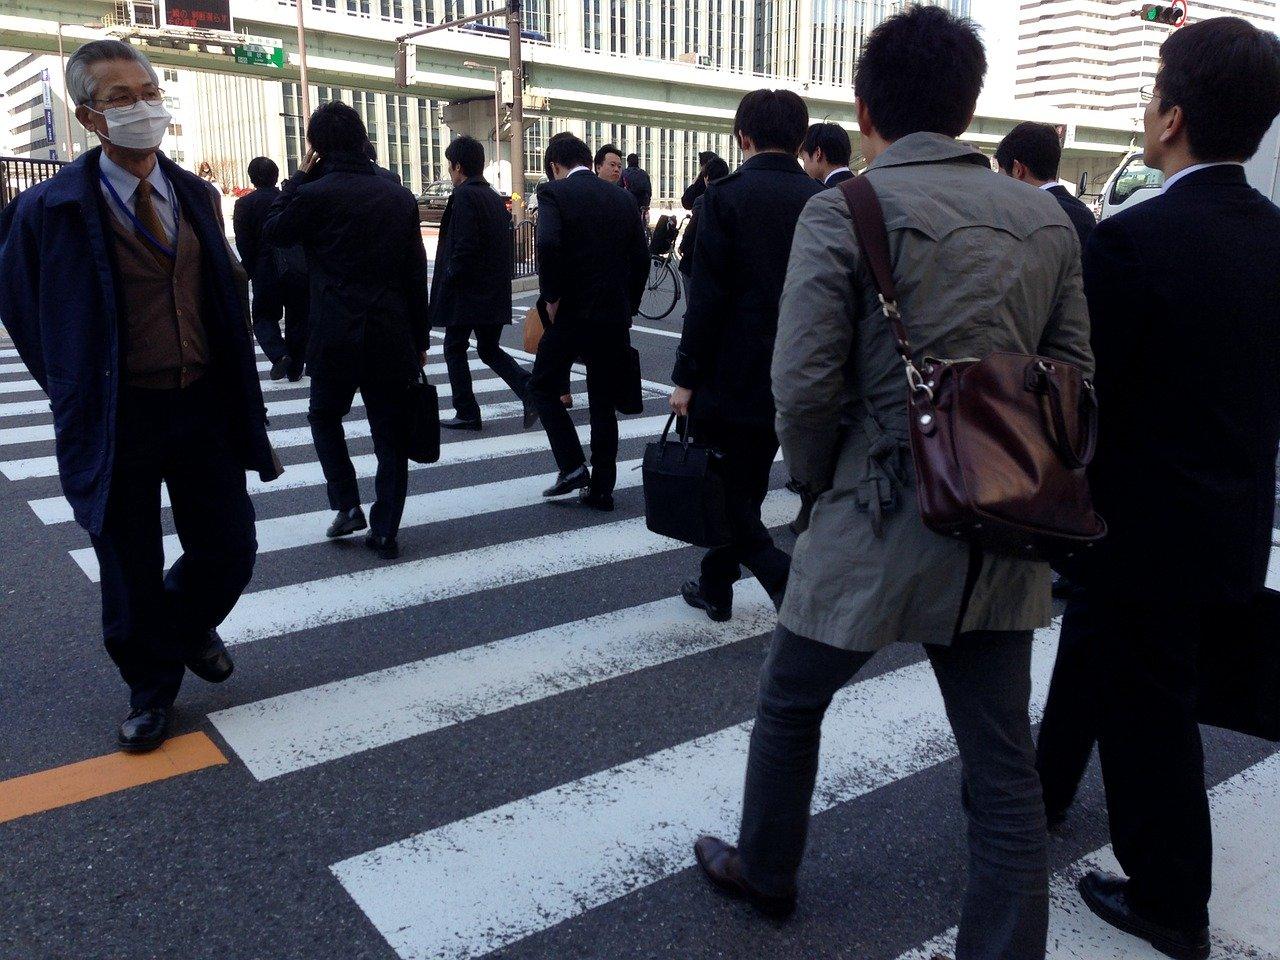 日本「生涯現役」風潮正夯, 高齡者就業 成社會新顯學